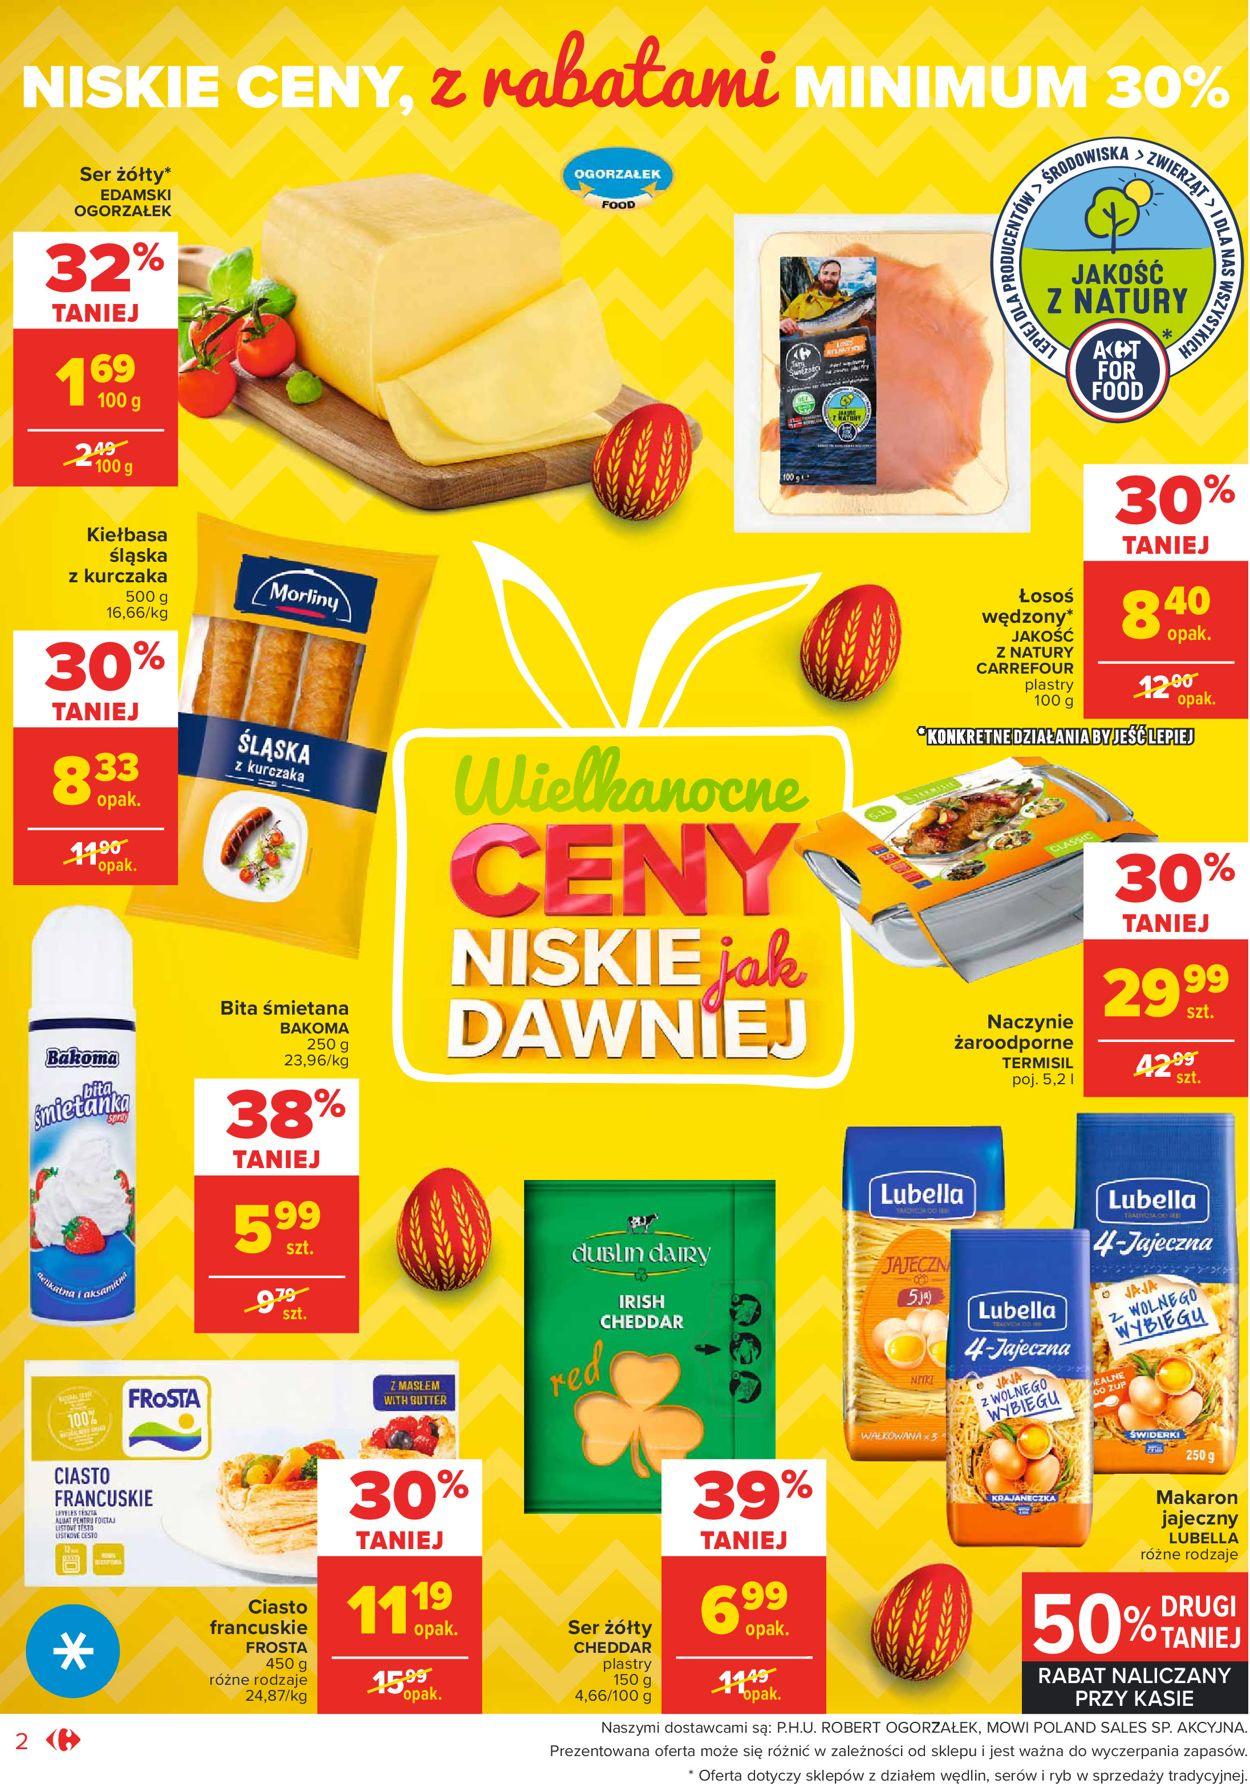 Gazetka promocyjna Carrefour Market Wielkanoc 2021 - 23.03-28.03.2021 (Strona 2)